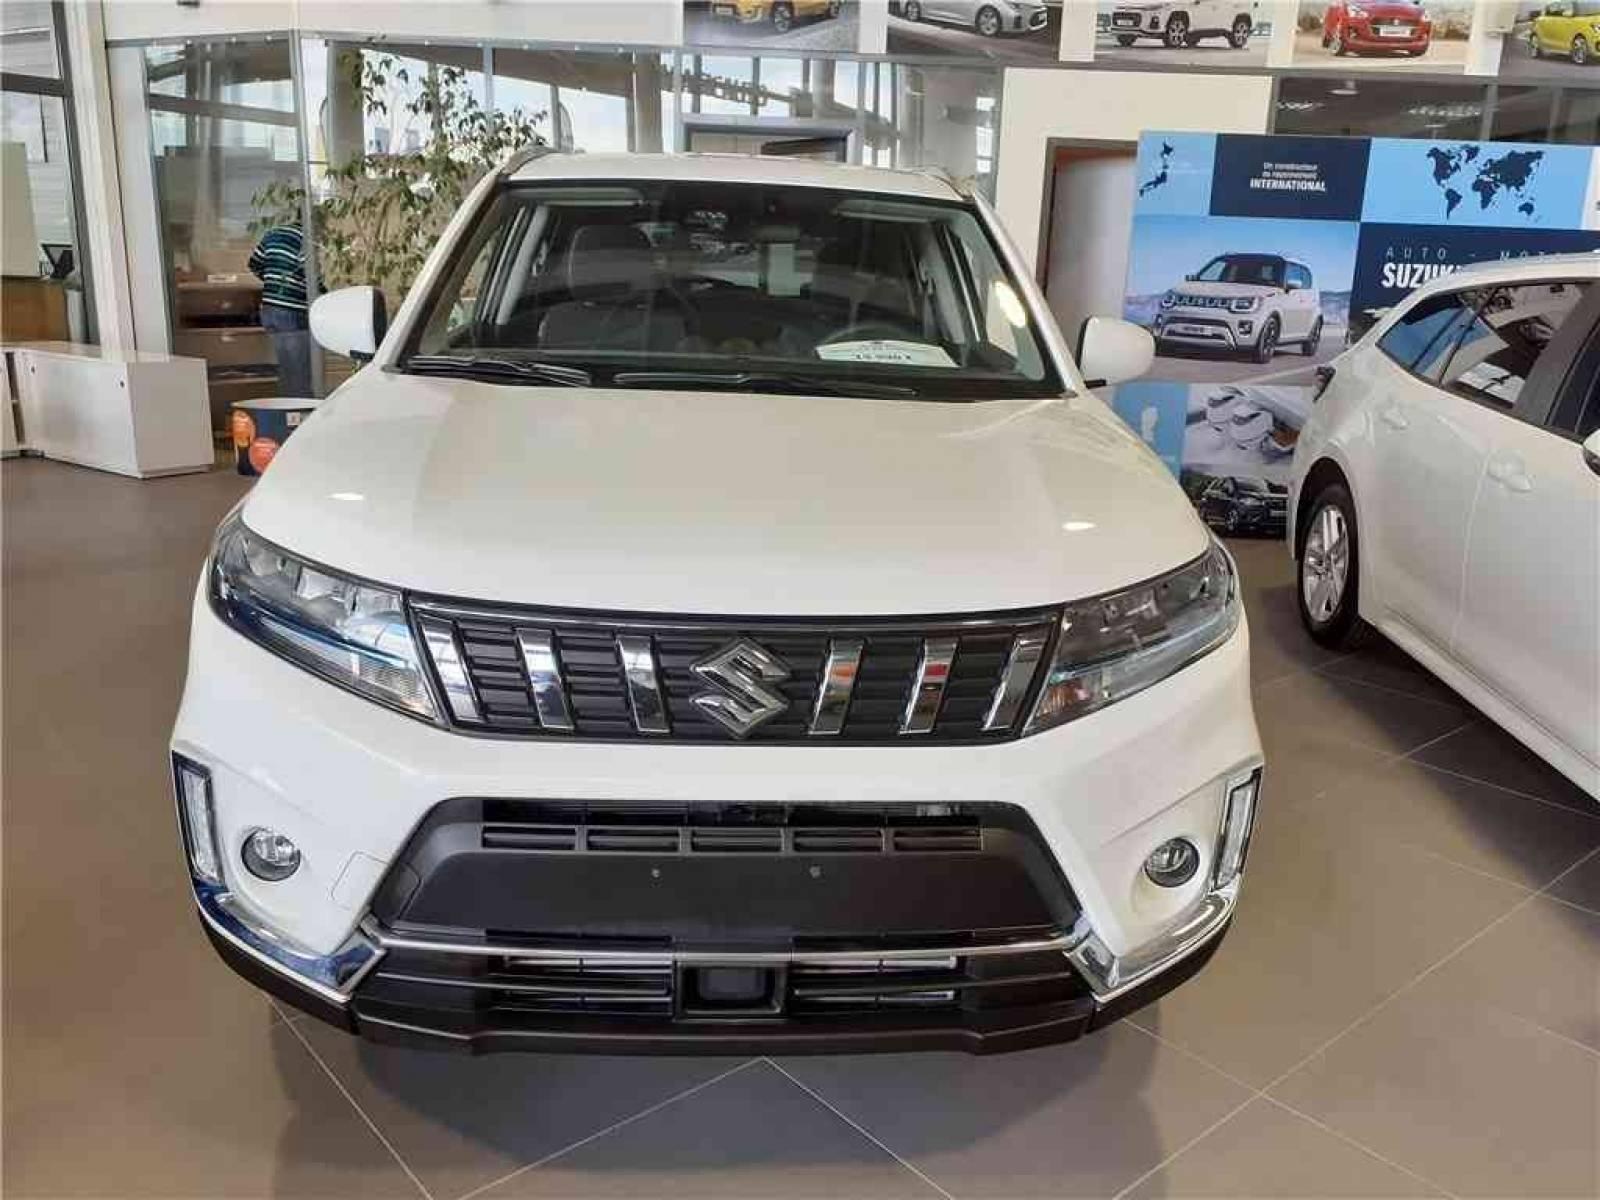 SUZUKI Vitara 1.4 Boosterjet Hybrid - véhicule d'occasion - Groupe Guillet - Hall de l'automobile - Chalon sur Saône - 71380 - Saint-Marcel - 55